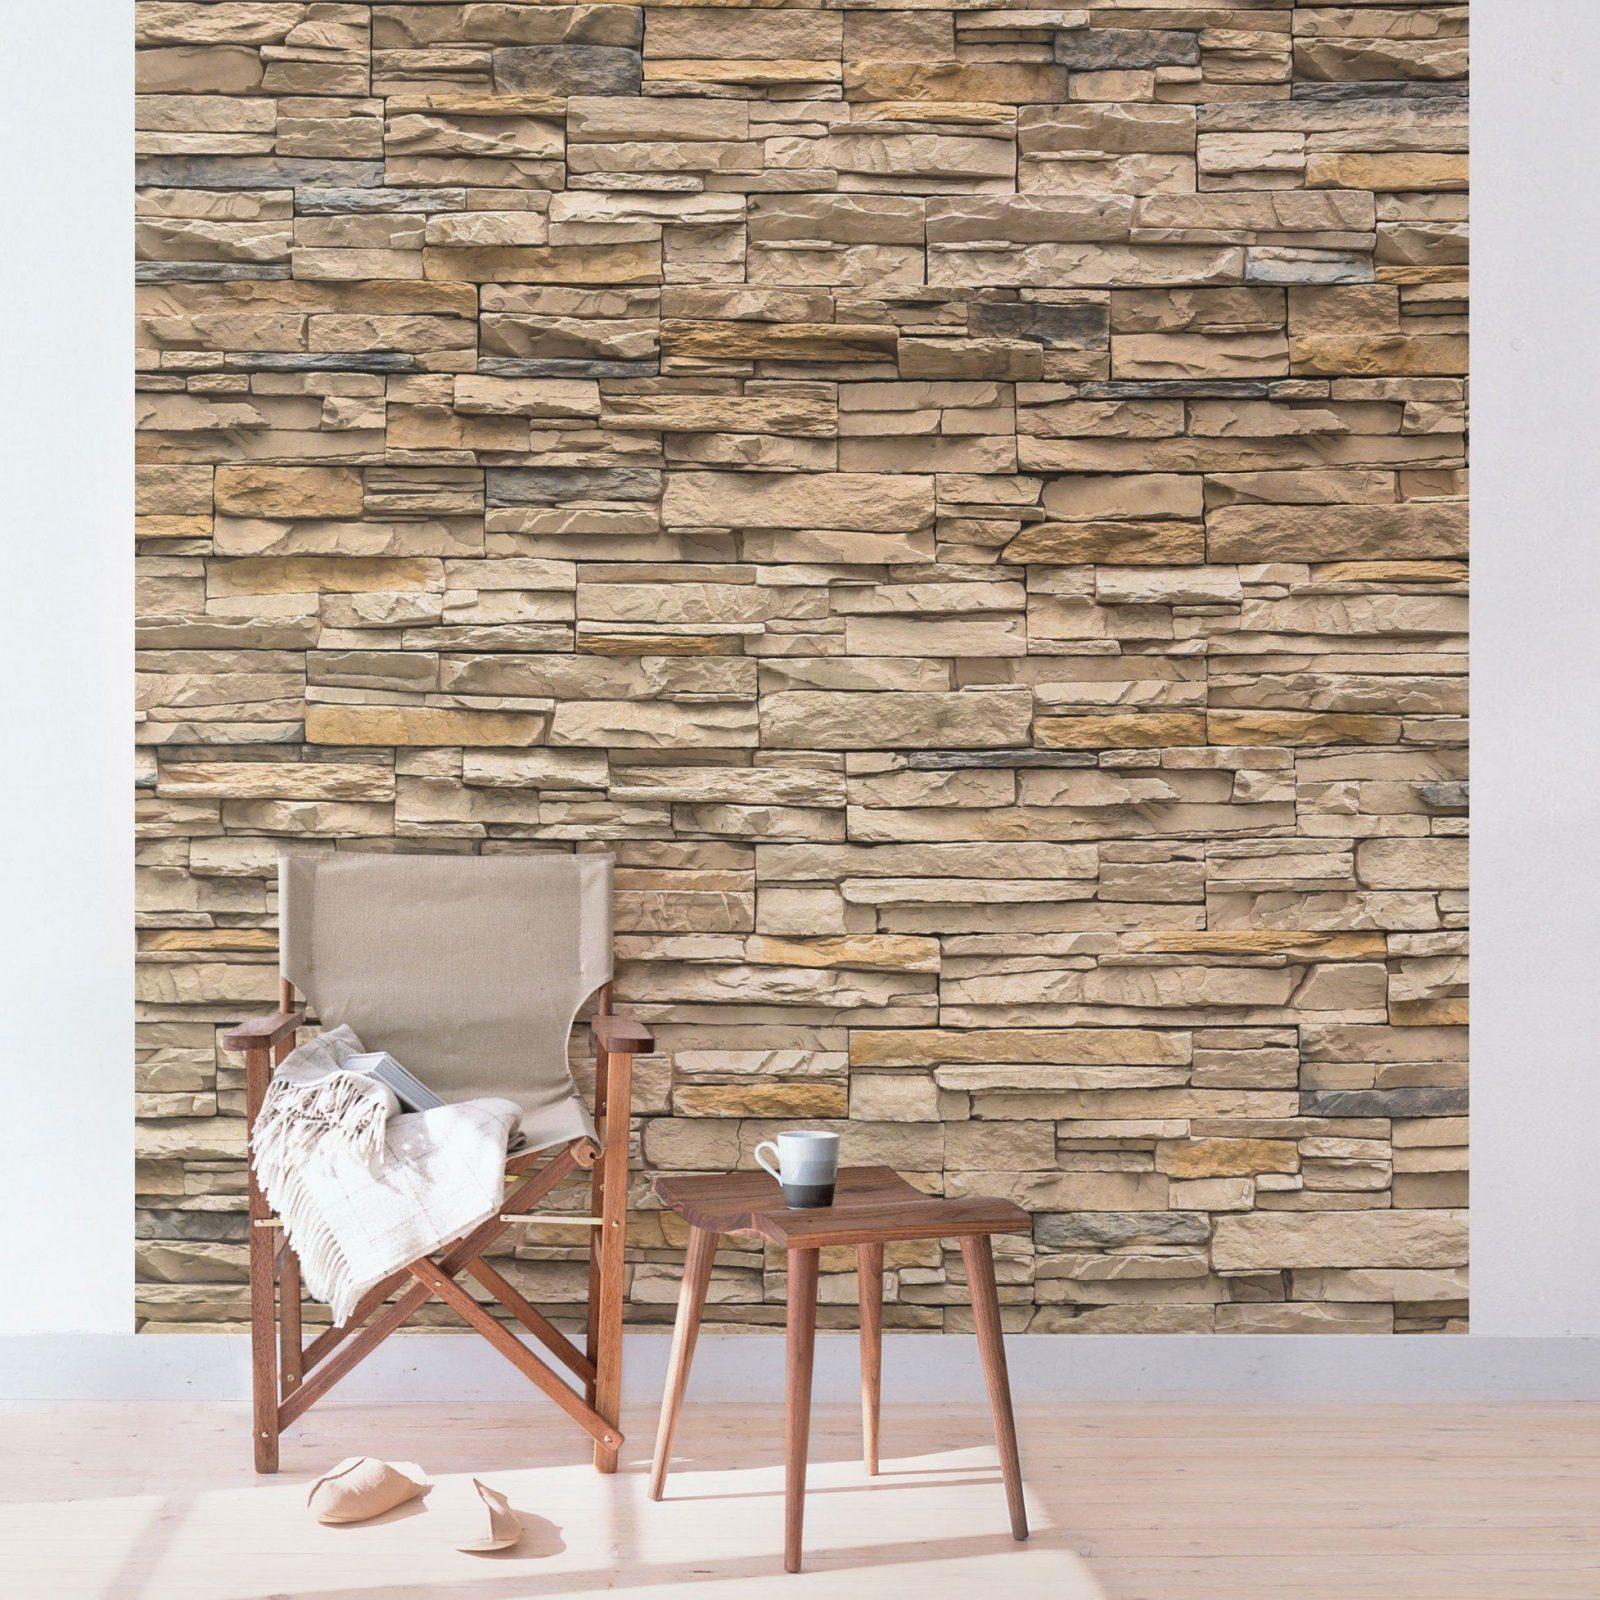 Unbelievable Steintapete Beige Wohnzimmer Braun Grau 3D Stein Tapete von Stein Tapete Wohnzimmer 3D Bild